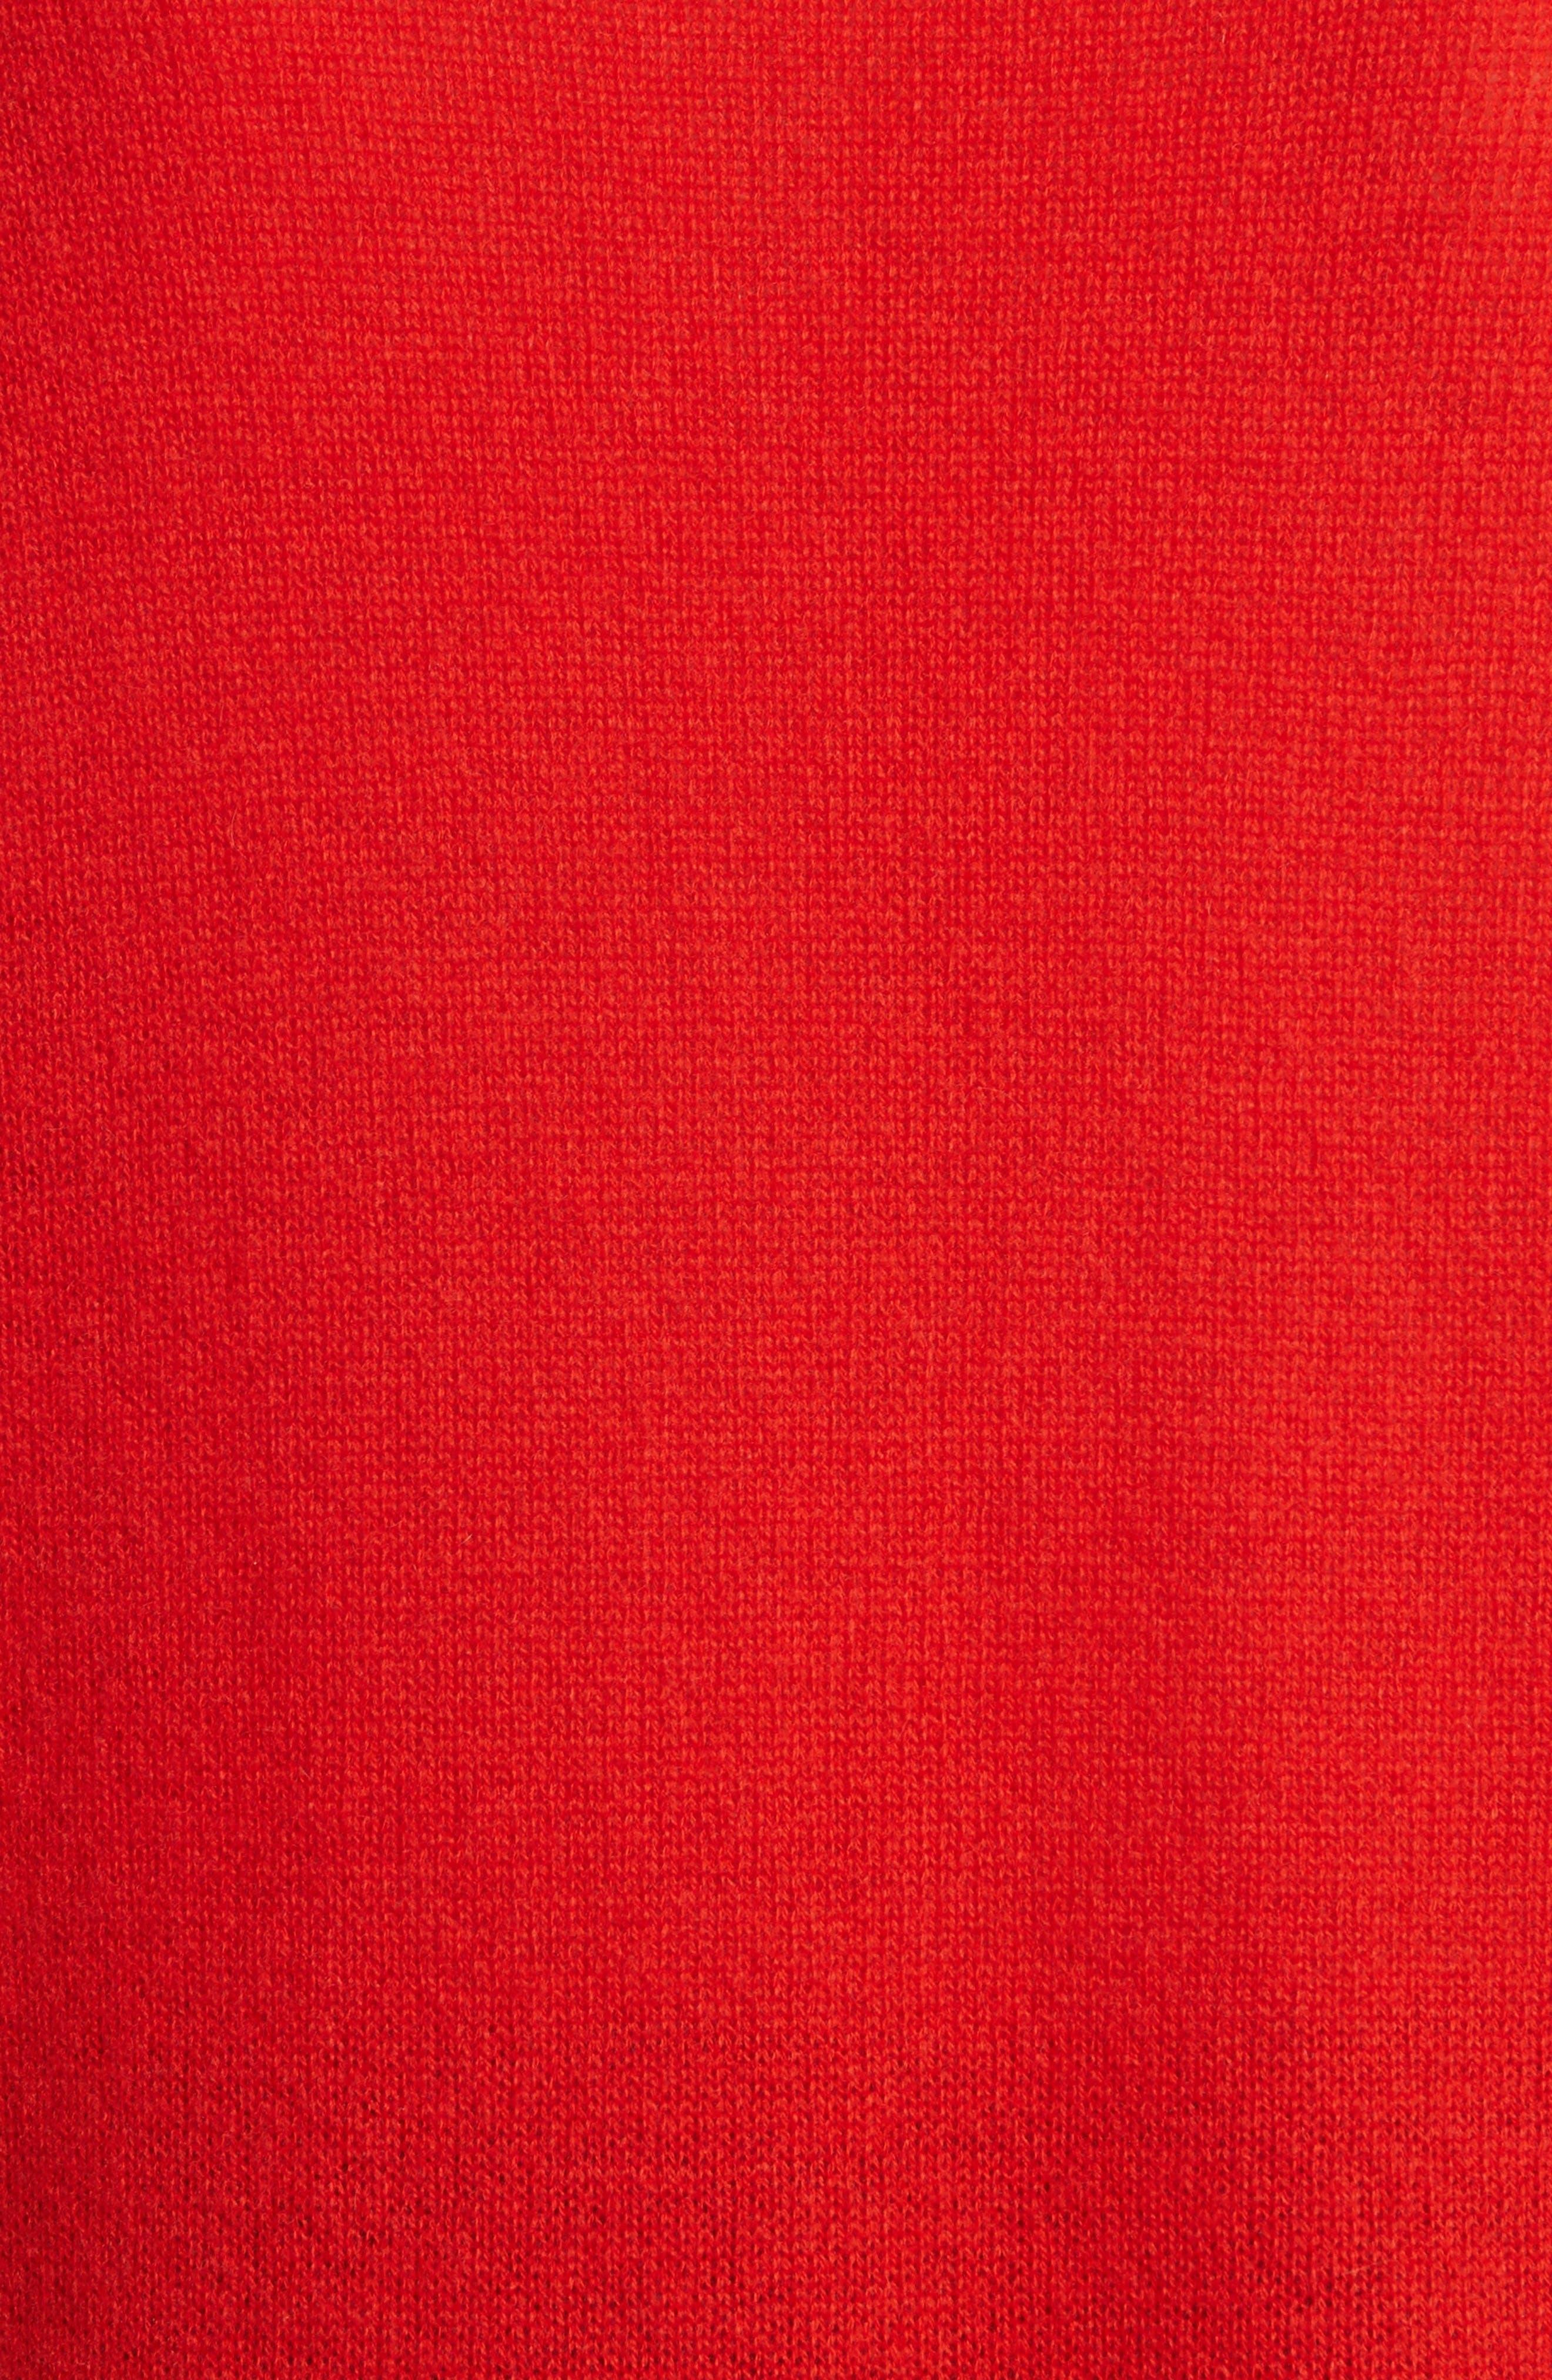 Karenia L Cashmere Sweater,                             Alternate thumbnail 5, color,                             Bight Tomato